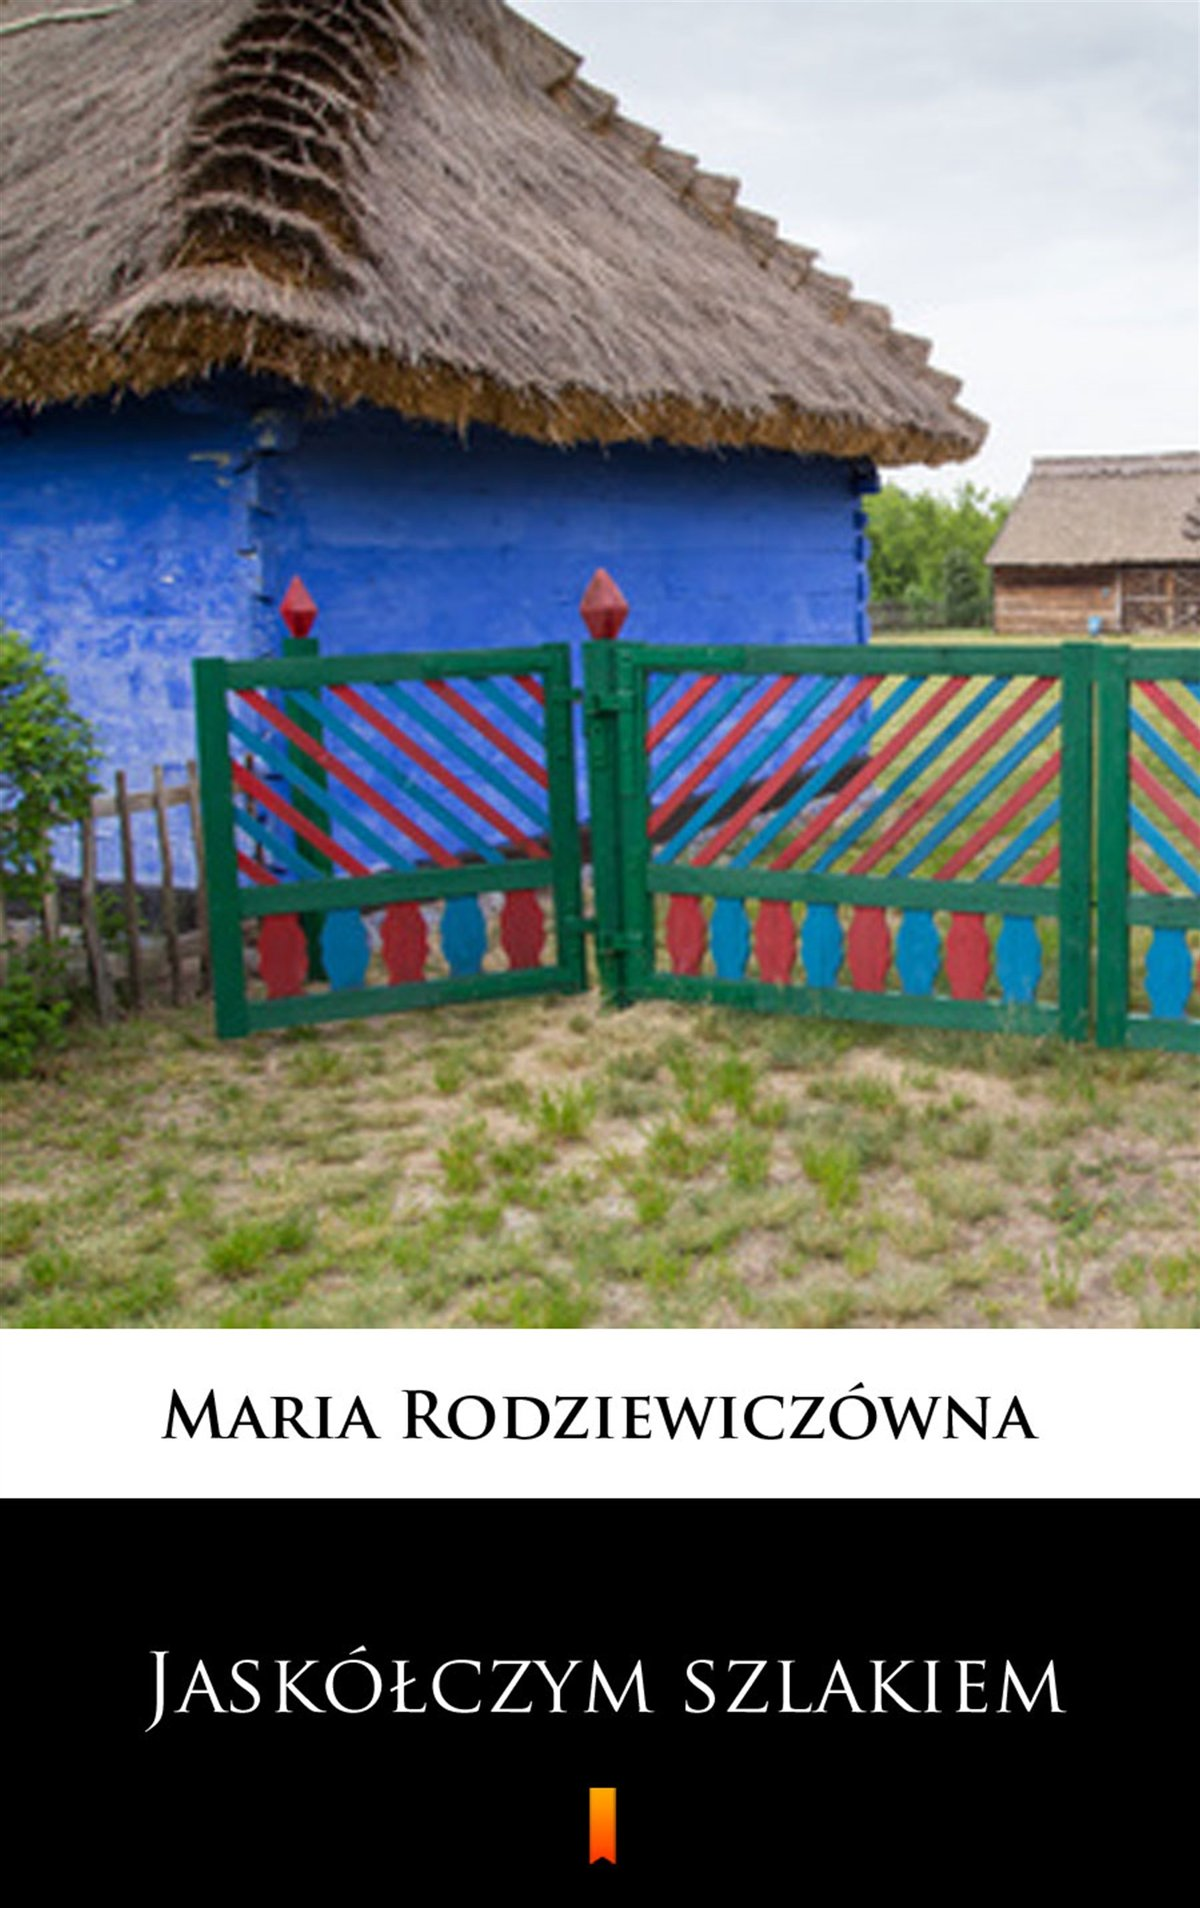 Jaskółczym szlakiem - Ebook (Książka na Kindle) do pobrania w formacie MOBI